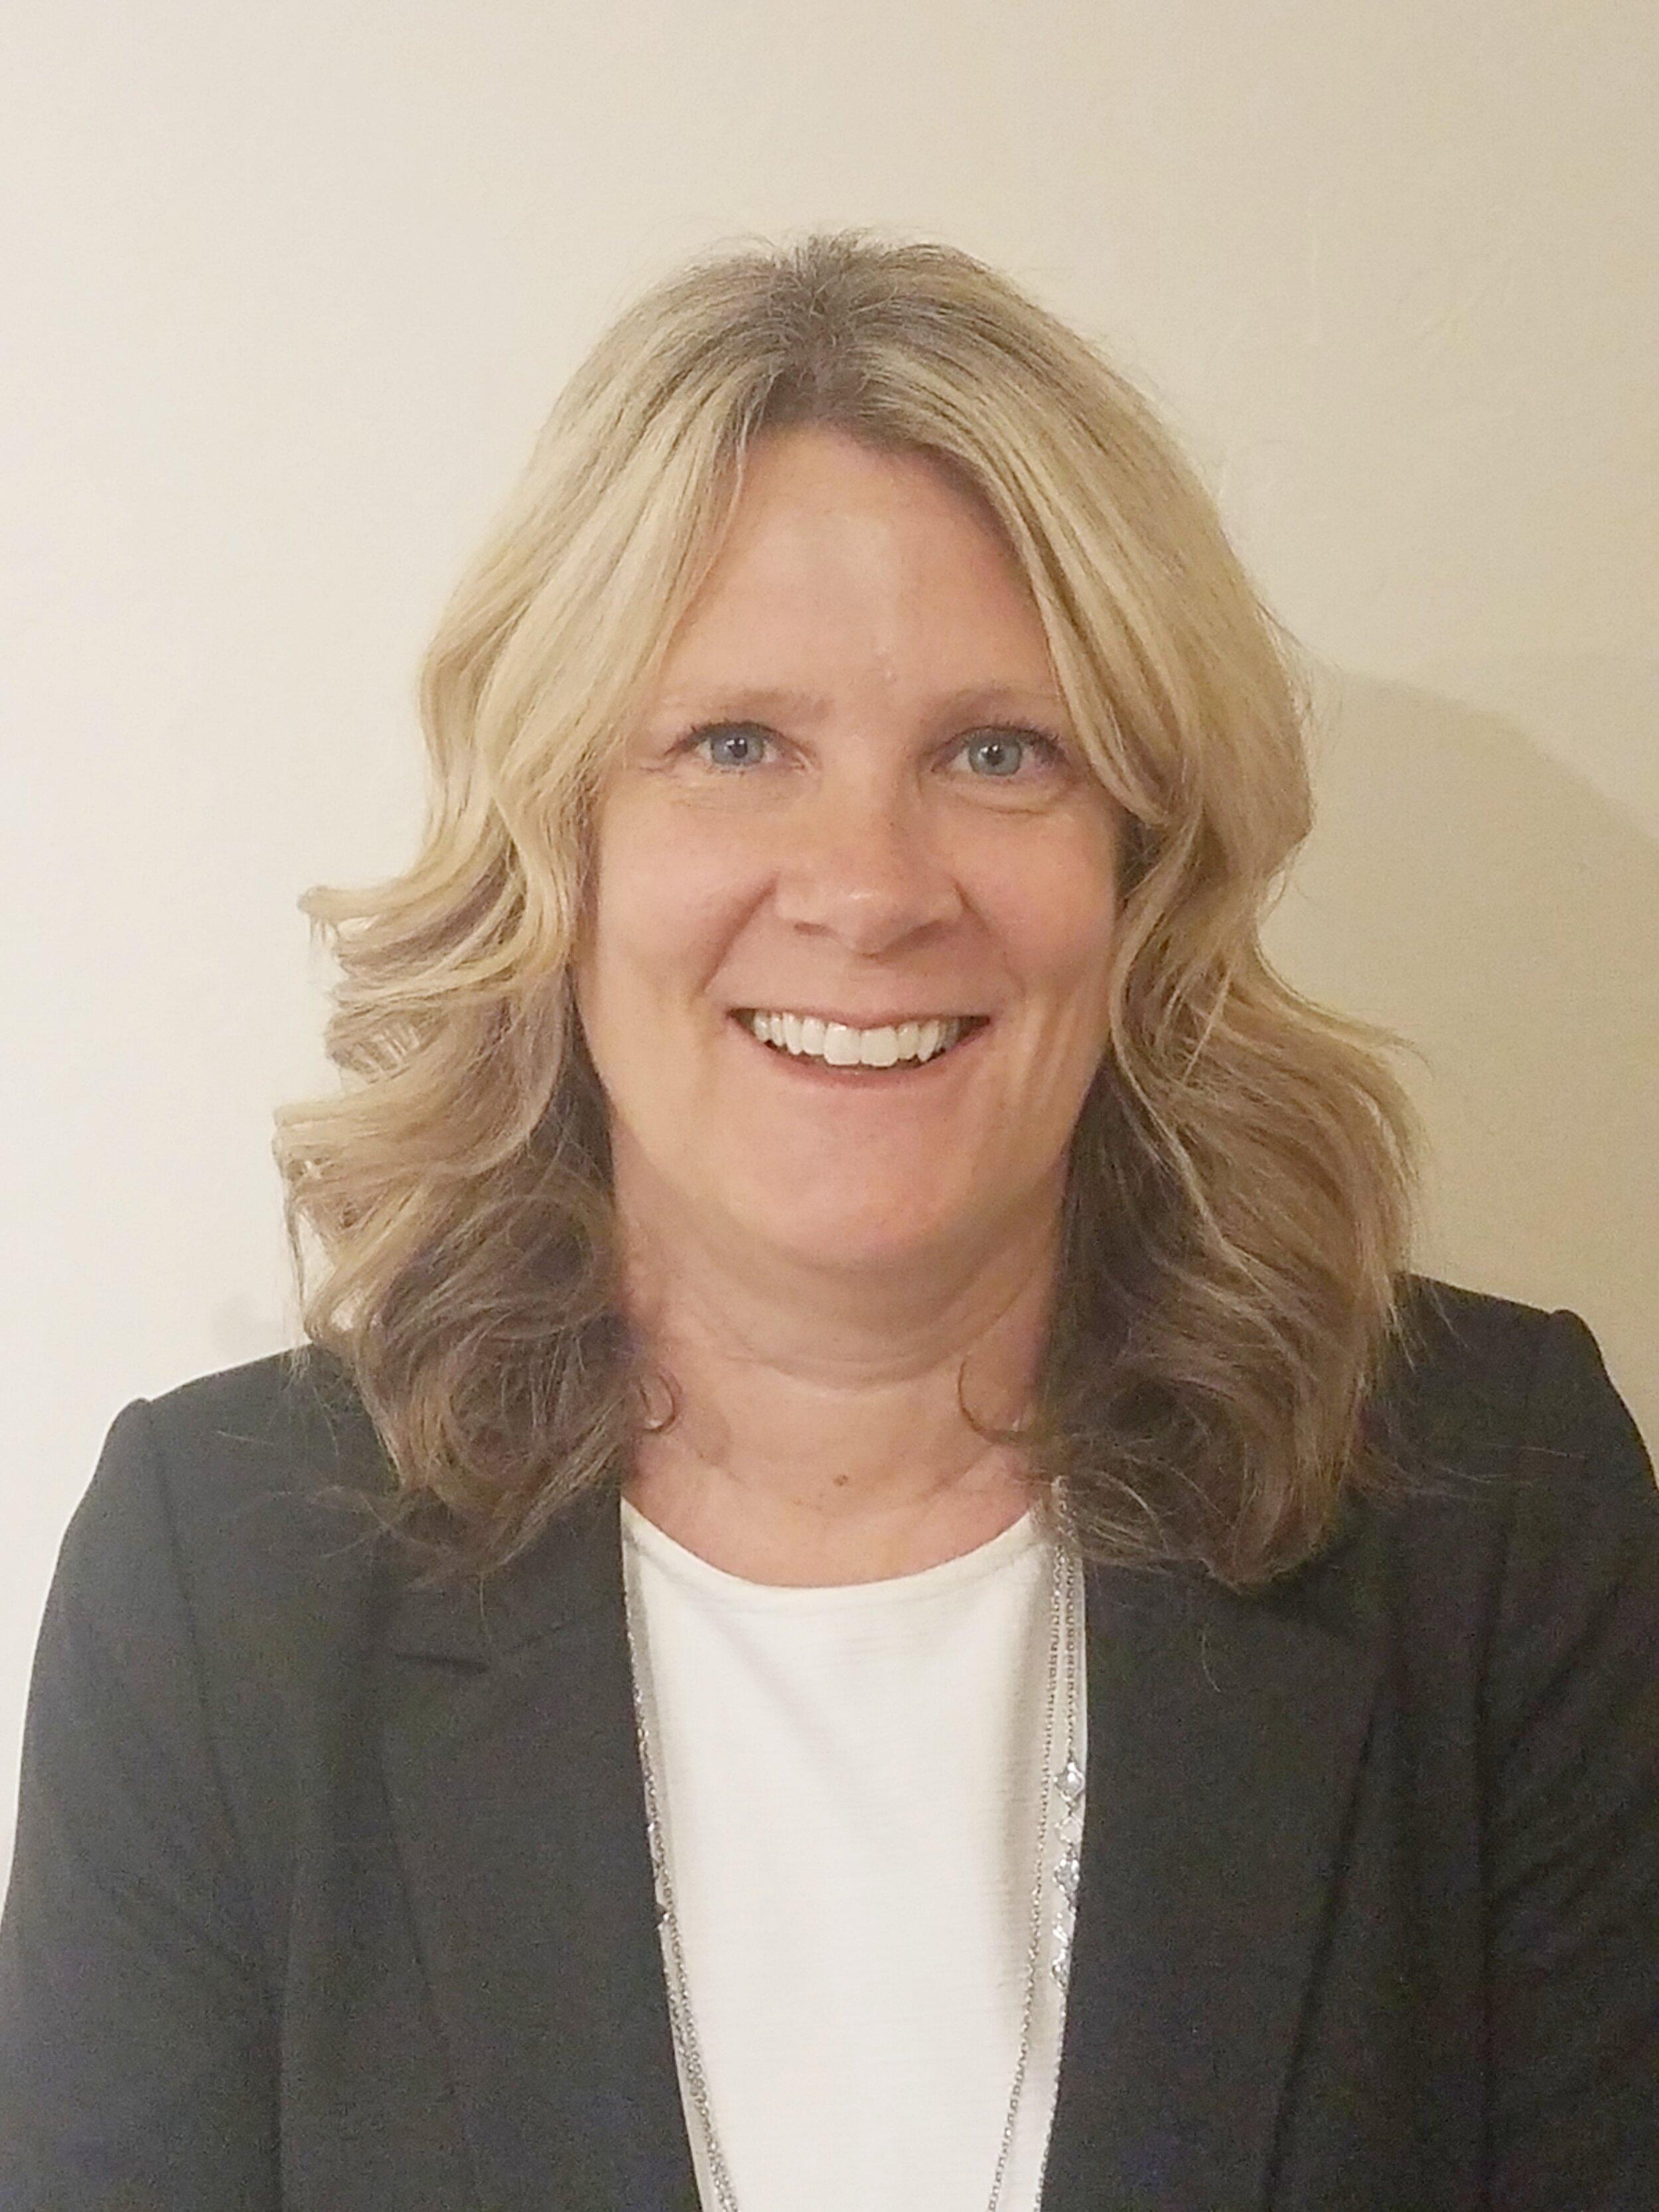 Karen Winkelmann, CEO